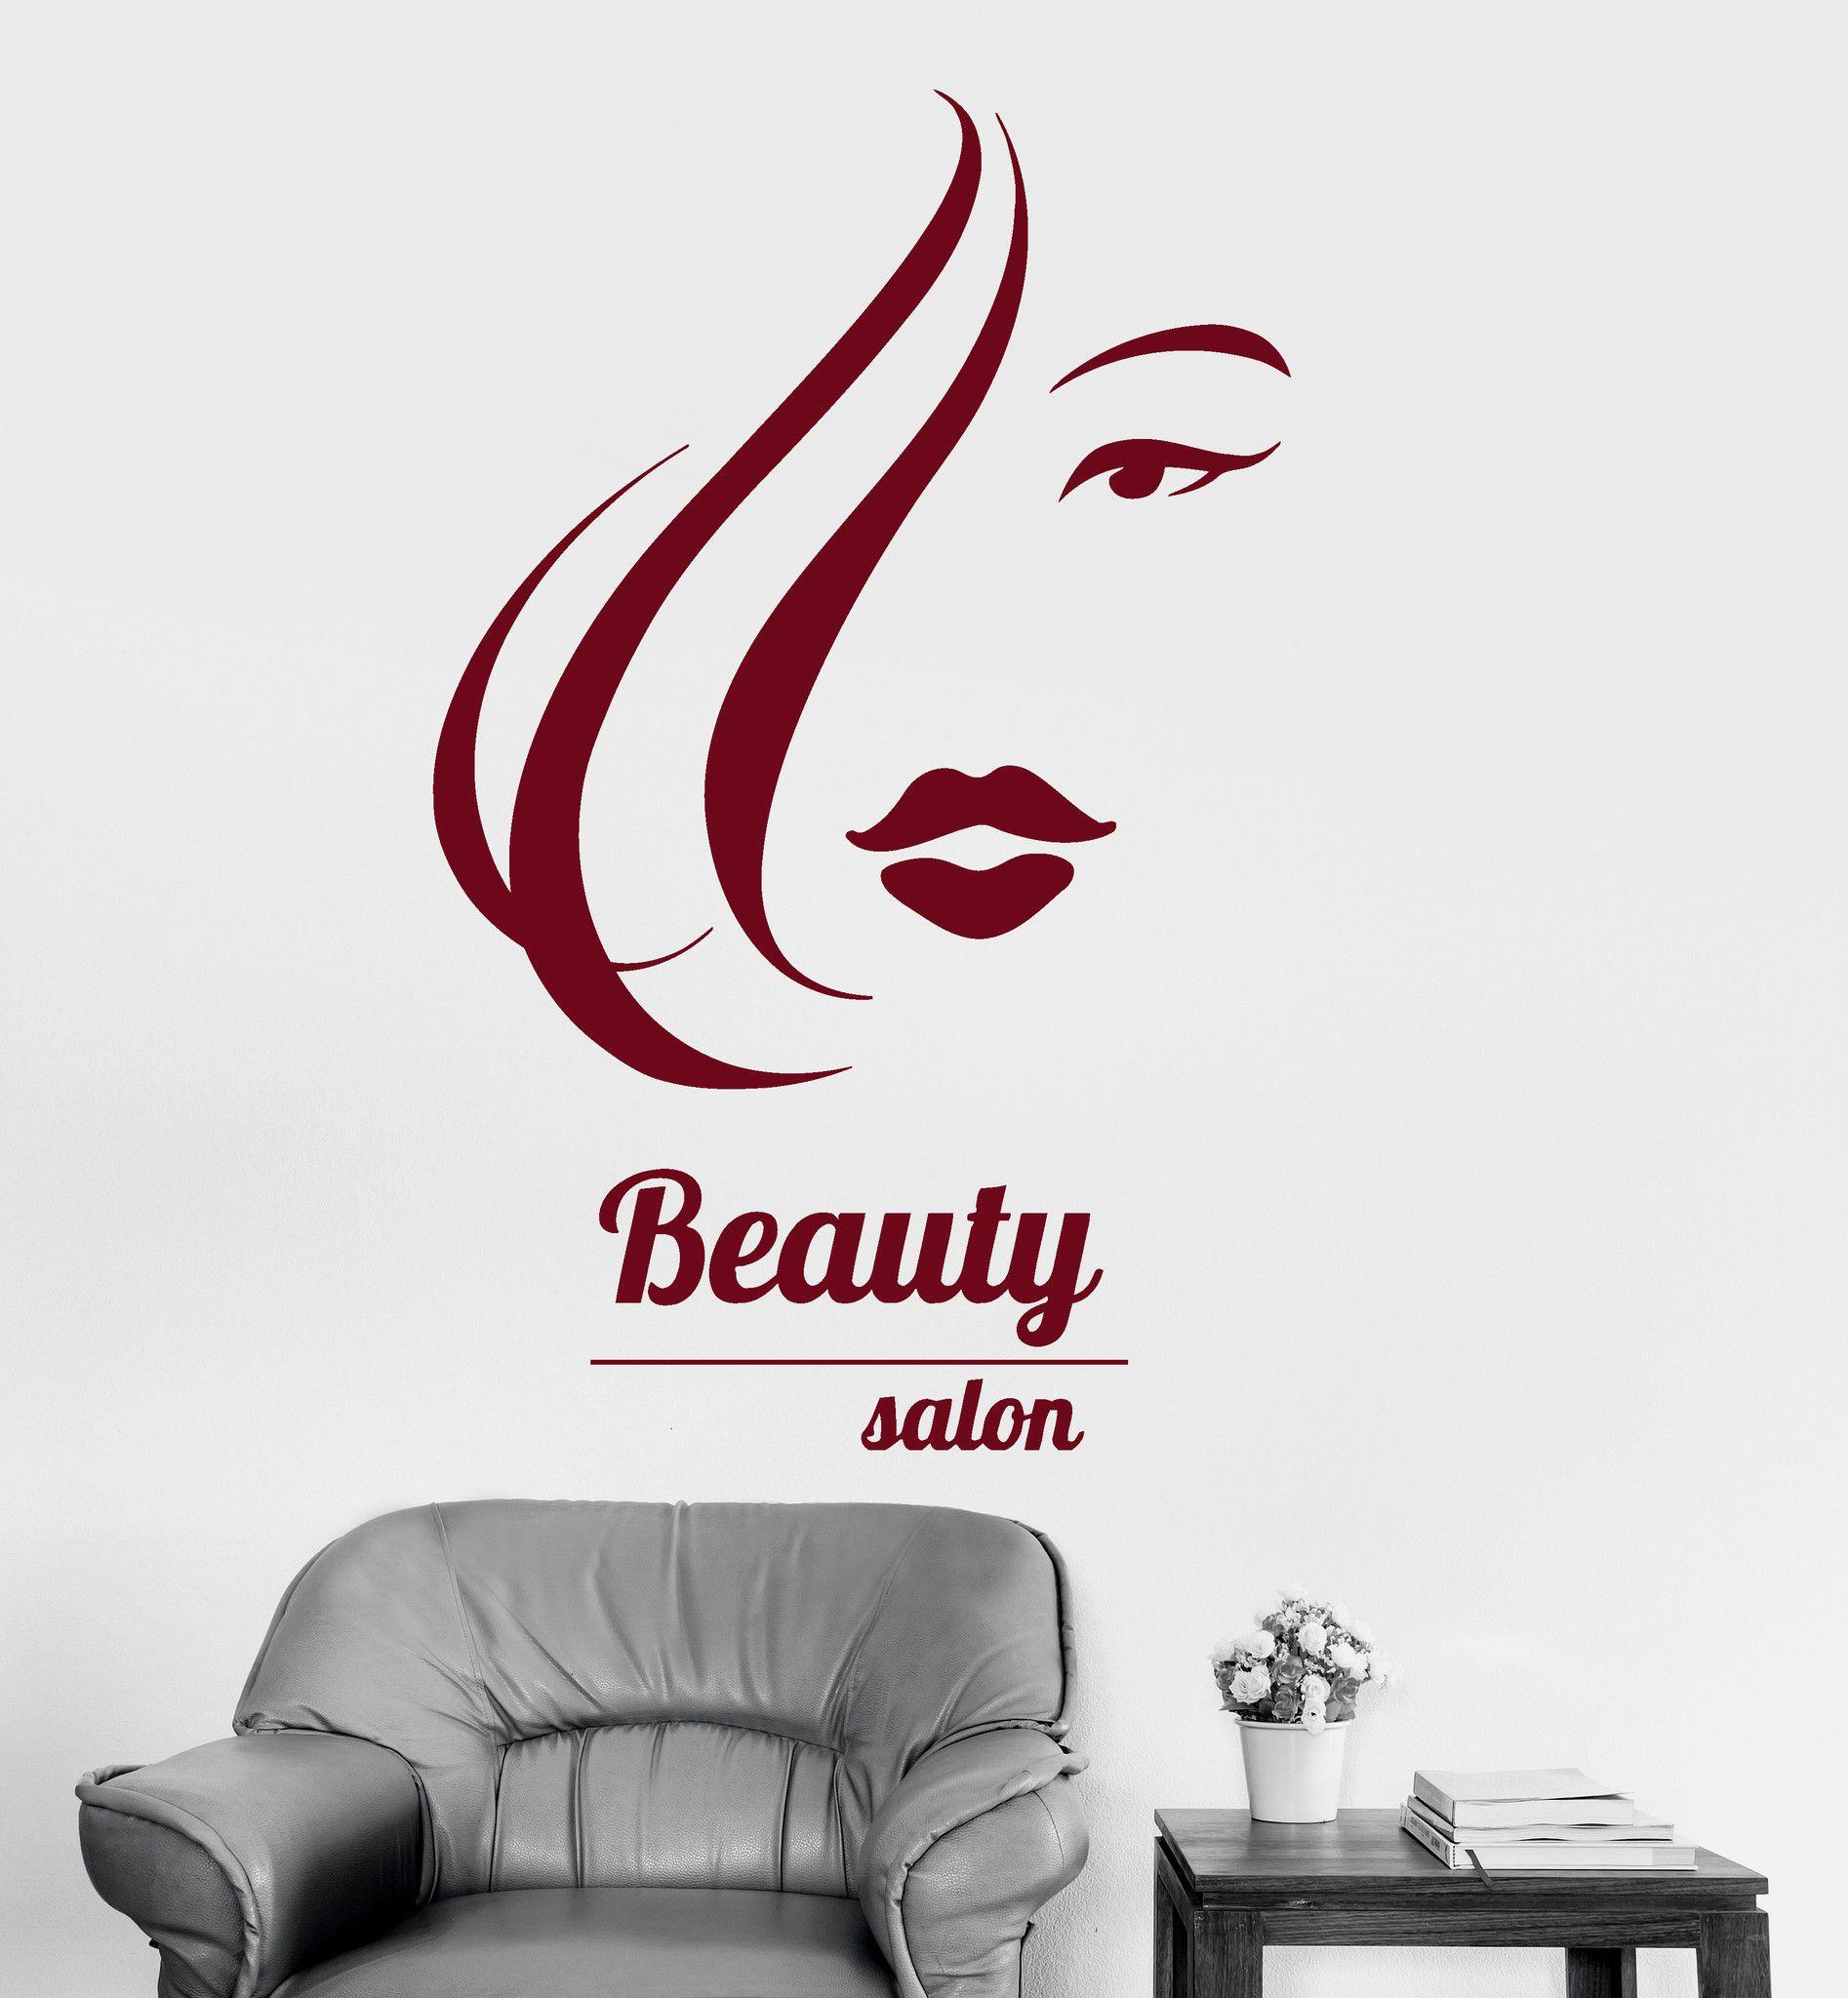 vinyl wall decal beauty salon hair spa hairdresser woman girl vinyl wall decal beauty salon hair spa hairdresser woman girl stickers ig3250